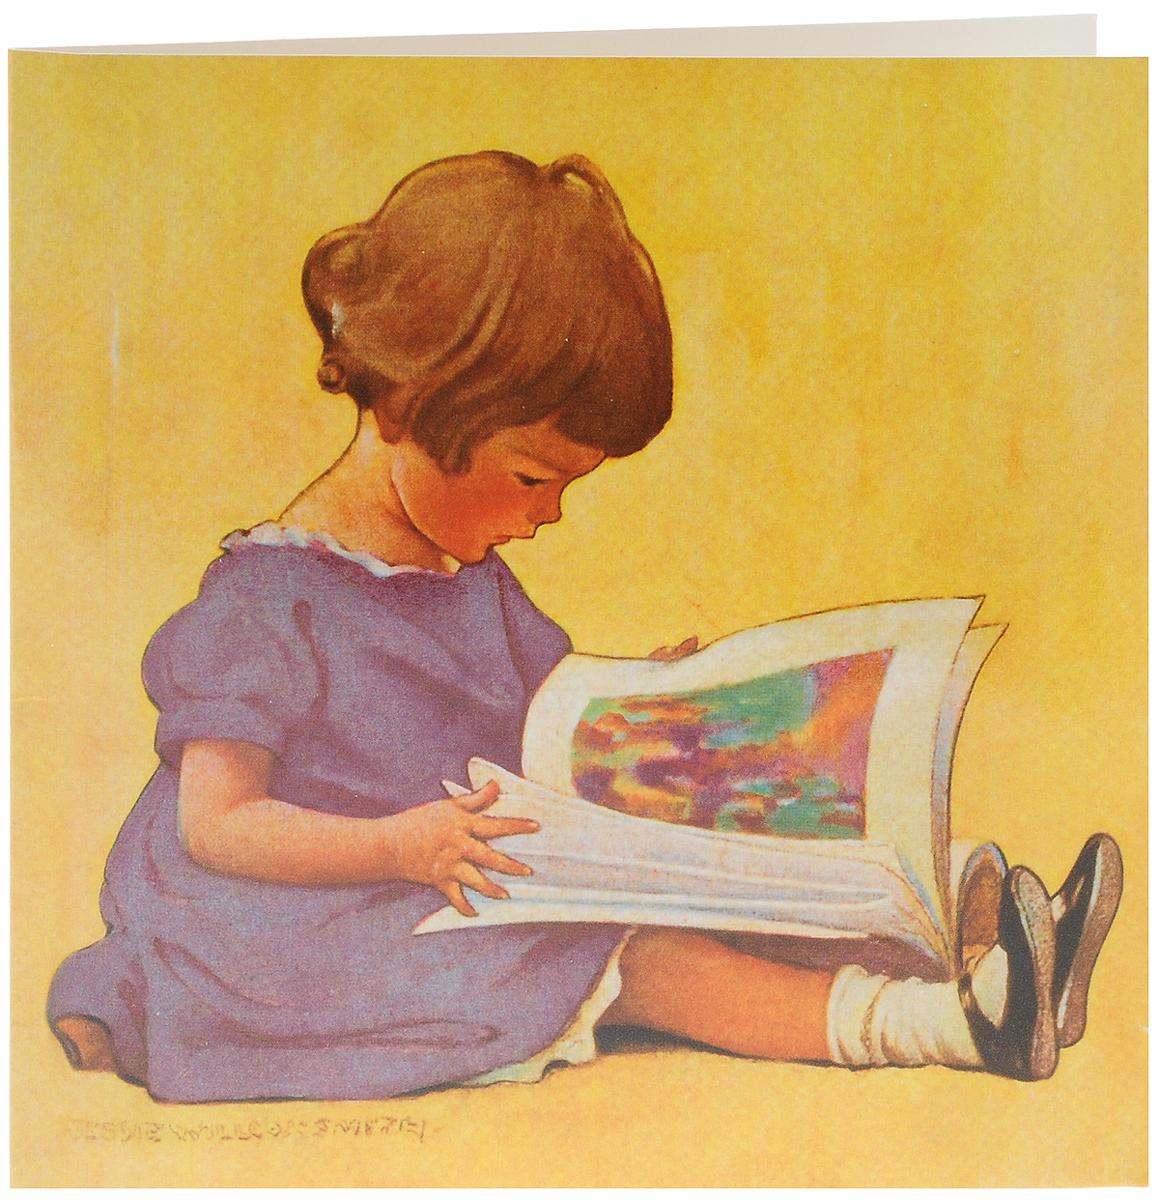 Открытка поздравительная в винтажном стиле №27. Авторская работа844043Оригинальная поздравительная открытка выполнена из плотного картона. На лицевой стороне расположено красочное изображение. Необычная и яркая открытка в винтажном стиле поможет вам выразить чувства и передать теплые поздравления.Такая открытка станет великолепным дополнением к подарку или оригинальным почтовым посланием, которое, несомненно, удивит получателя своим дизайном и подарит приятные воспоминания.